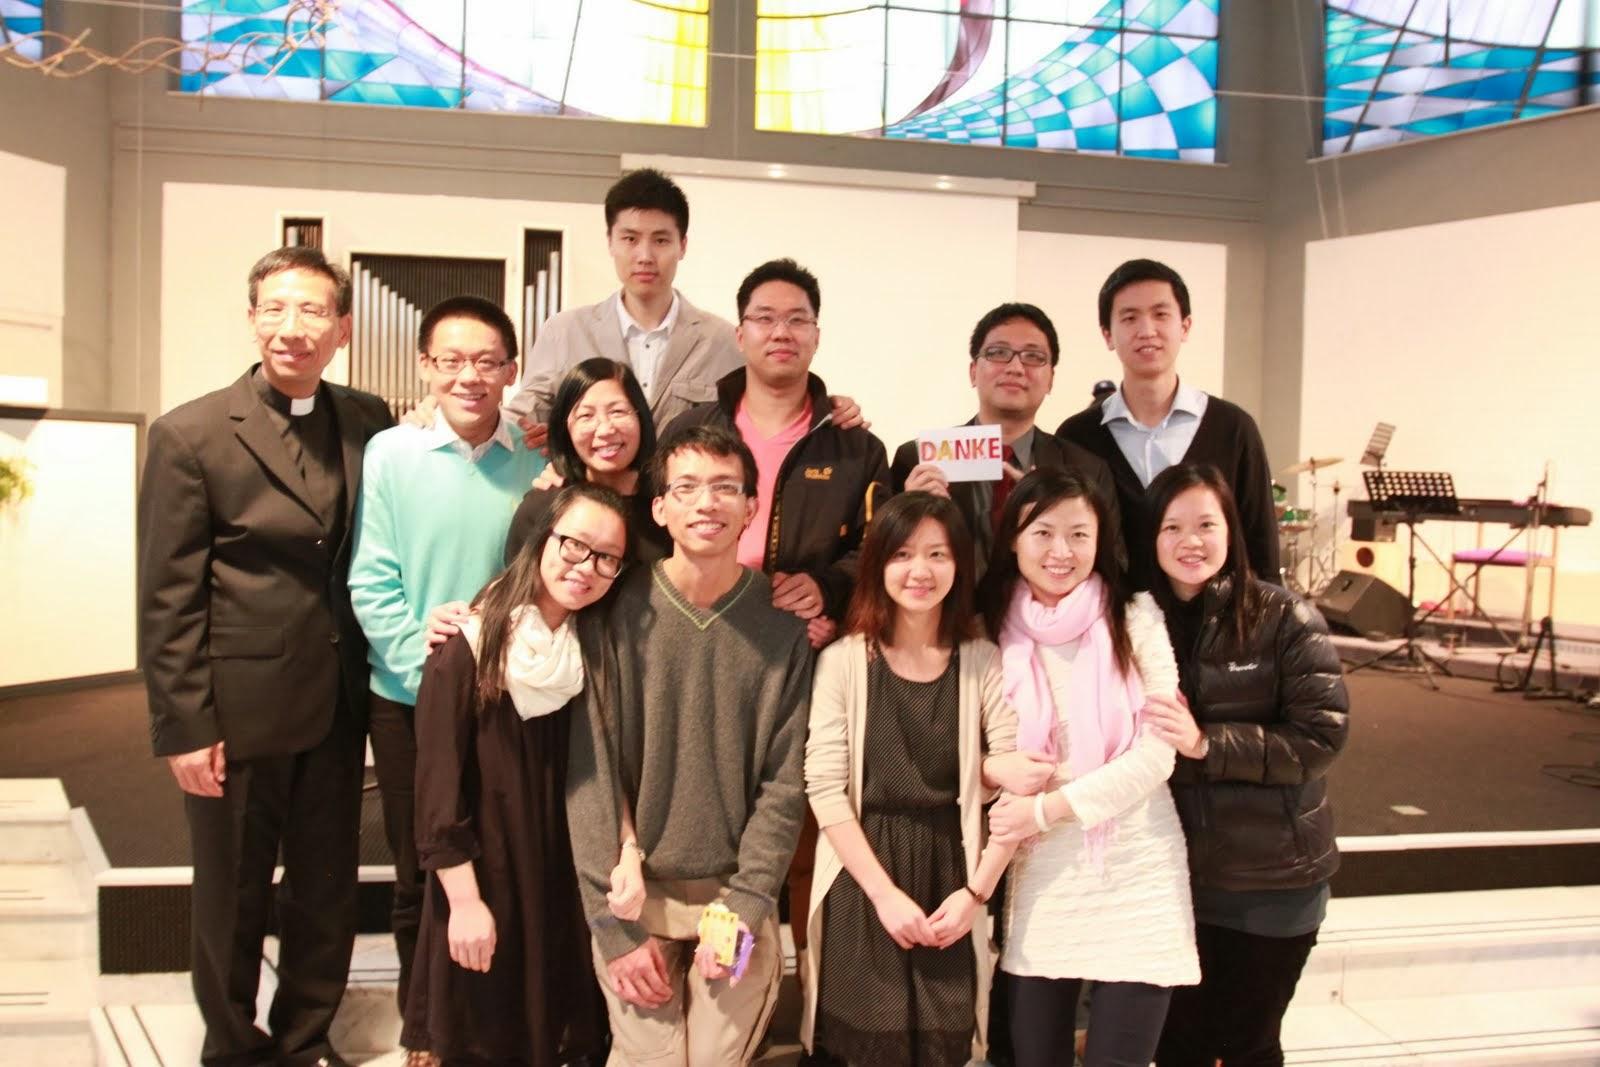 2013年汉堡华人基督教会第二次洗礼圣典